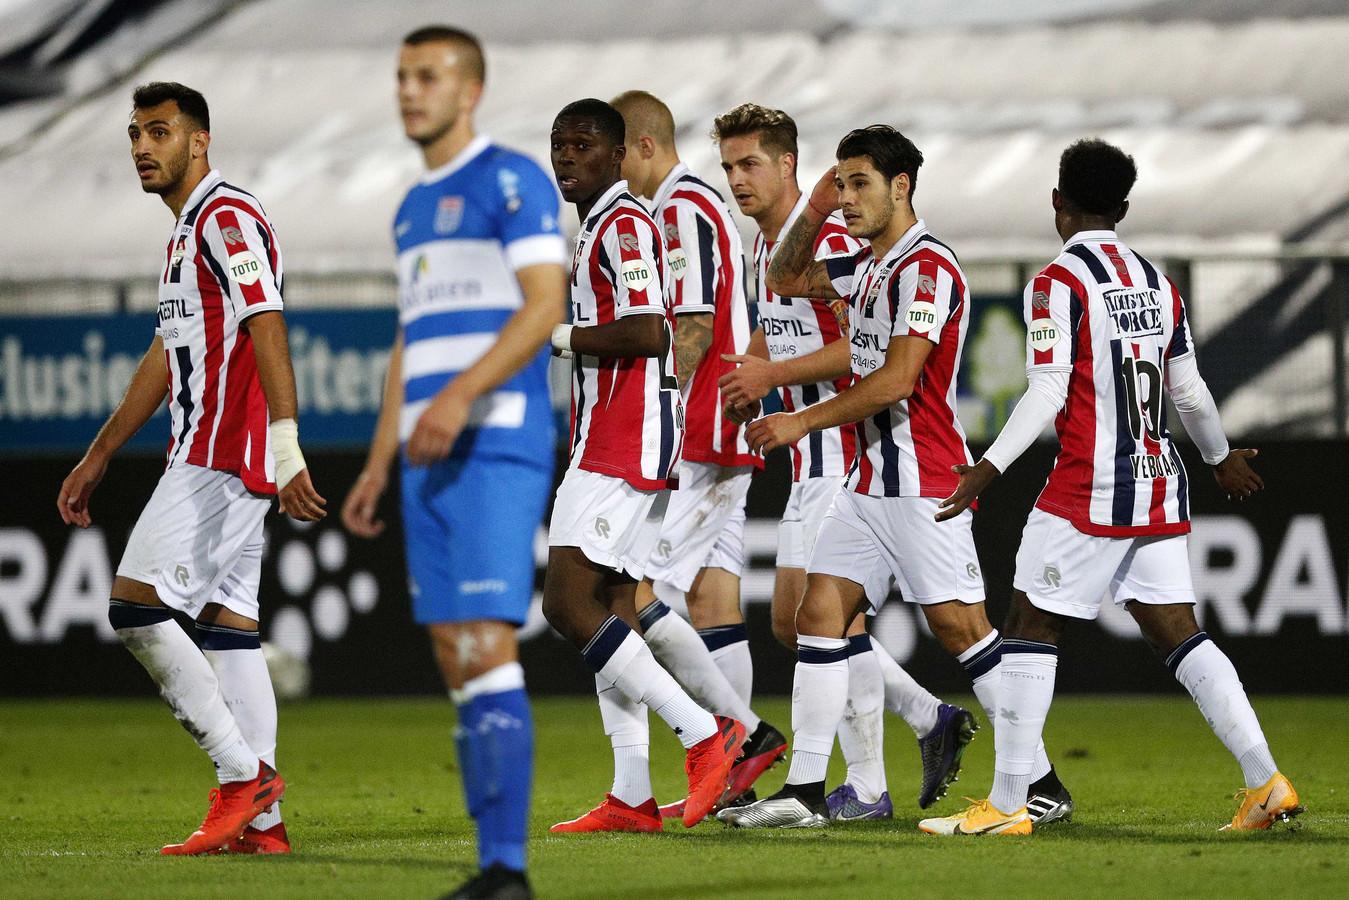 De spelers van Willem II wachten op de beslissing van de VAR tijdens de uitwedstrijd tegen PEC Zwolle.